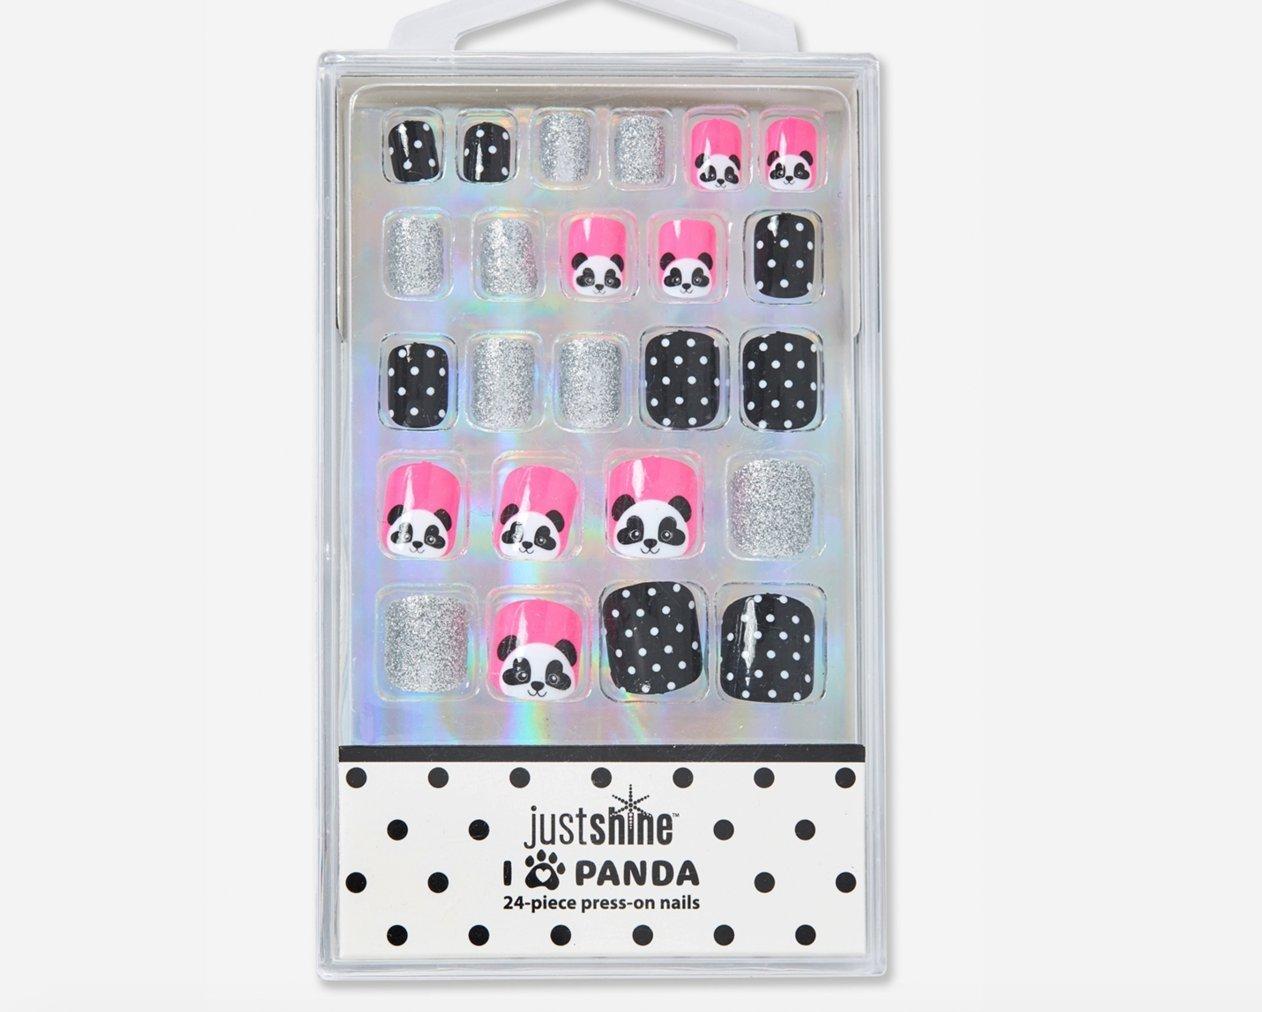 Amazon.com : Justice Girls Press-on Nails Panda : Beauty